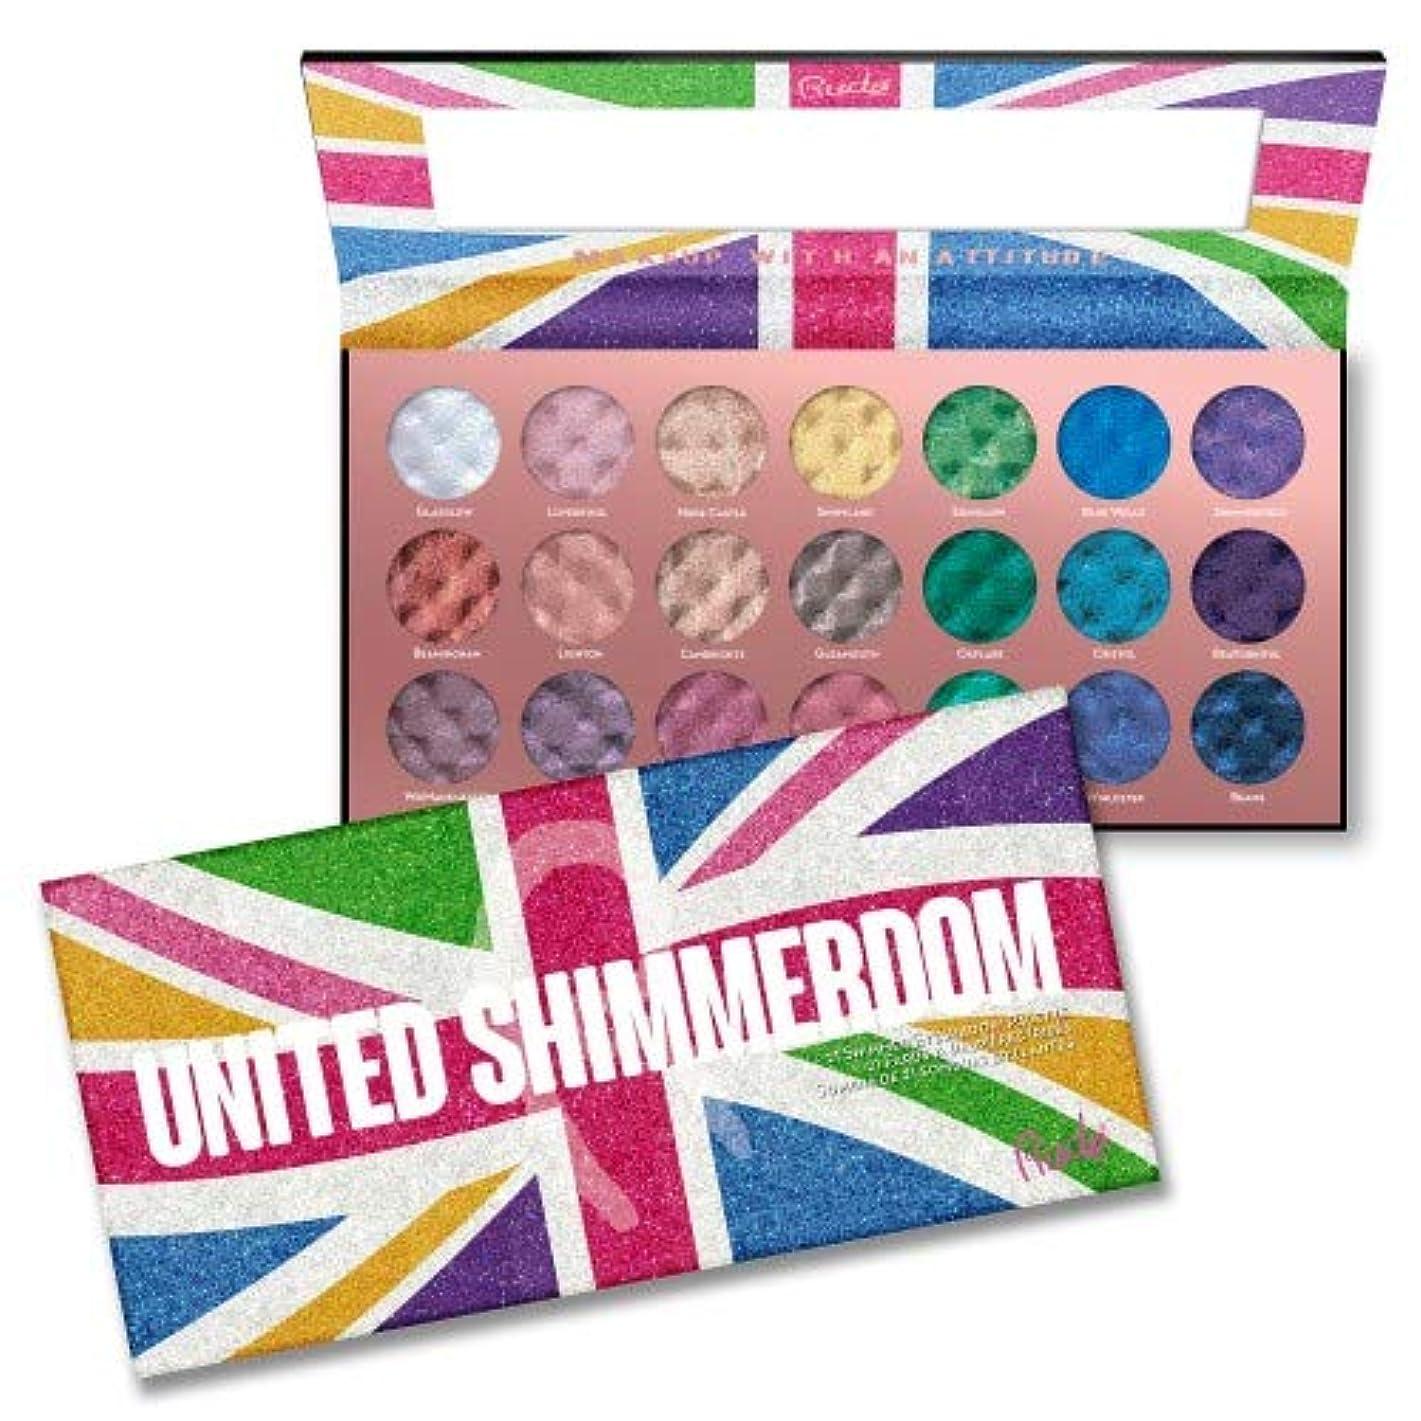 仕様下相互(6 Pack) RUDE United Shimmerdom - 21 Shimmer Eyeshadow Palette (並行輸入品)